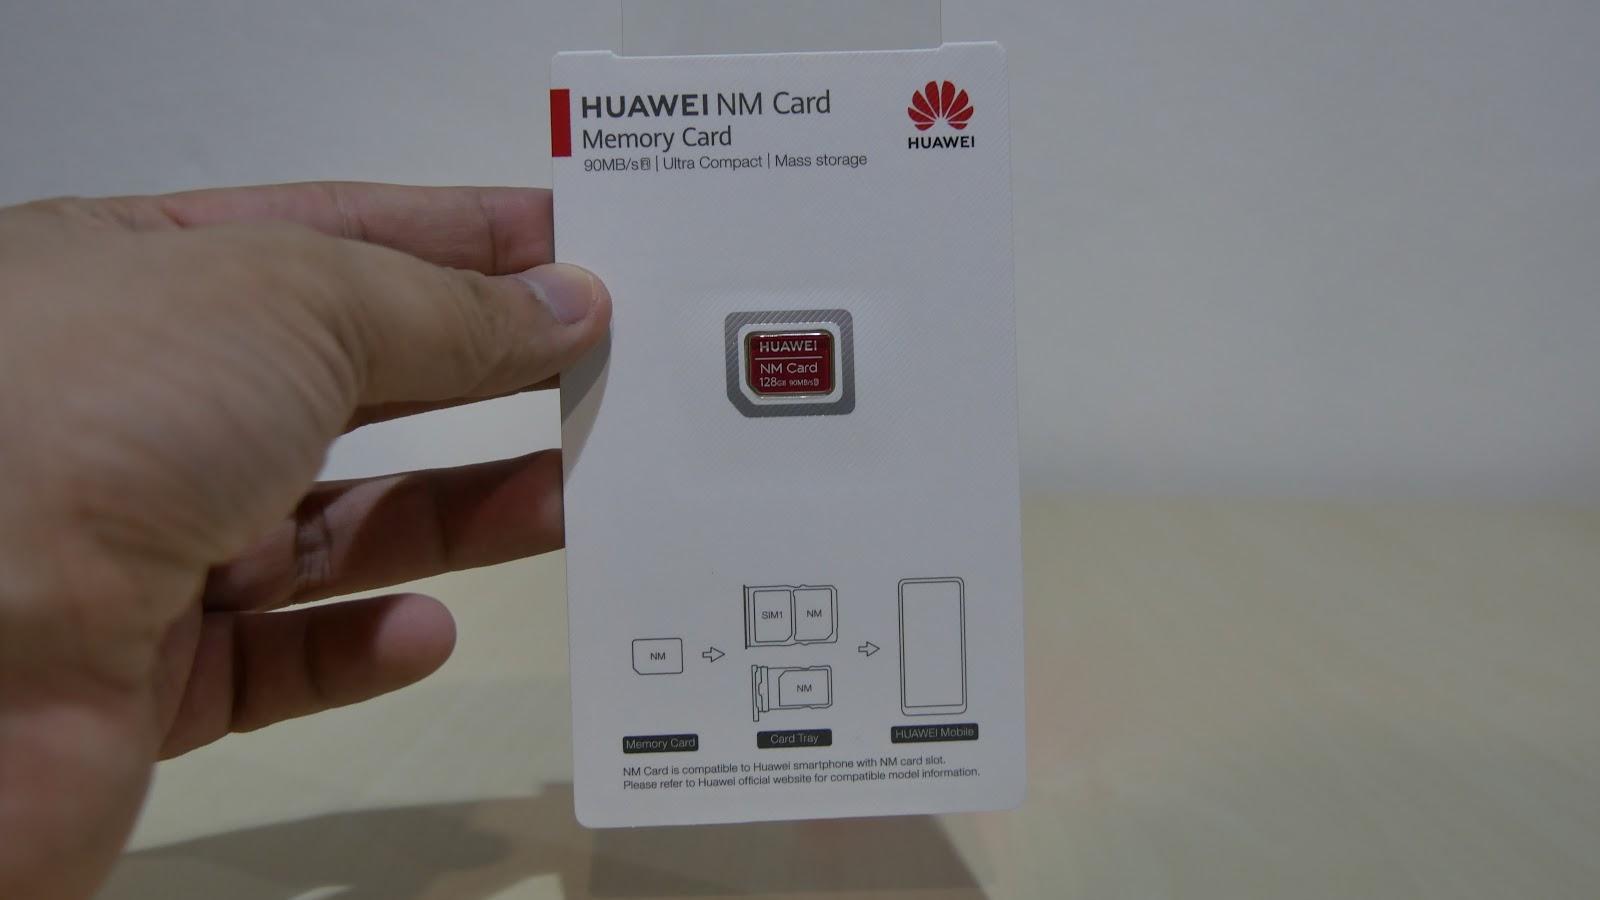 รีวิวการ์ดความจำ Huawei NM Card ที่เกิดมาคู่กับ Mate 20 Series